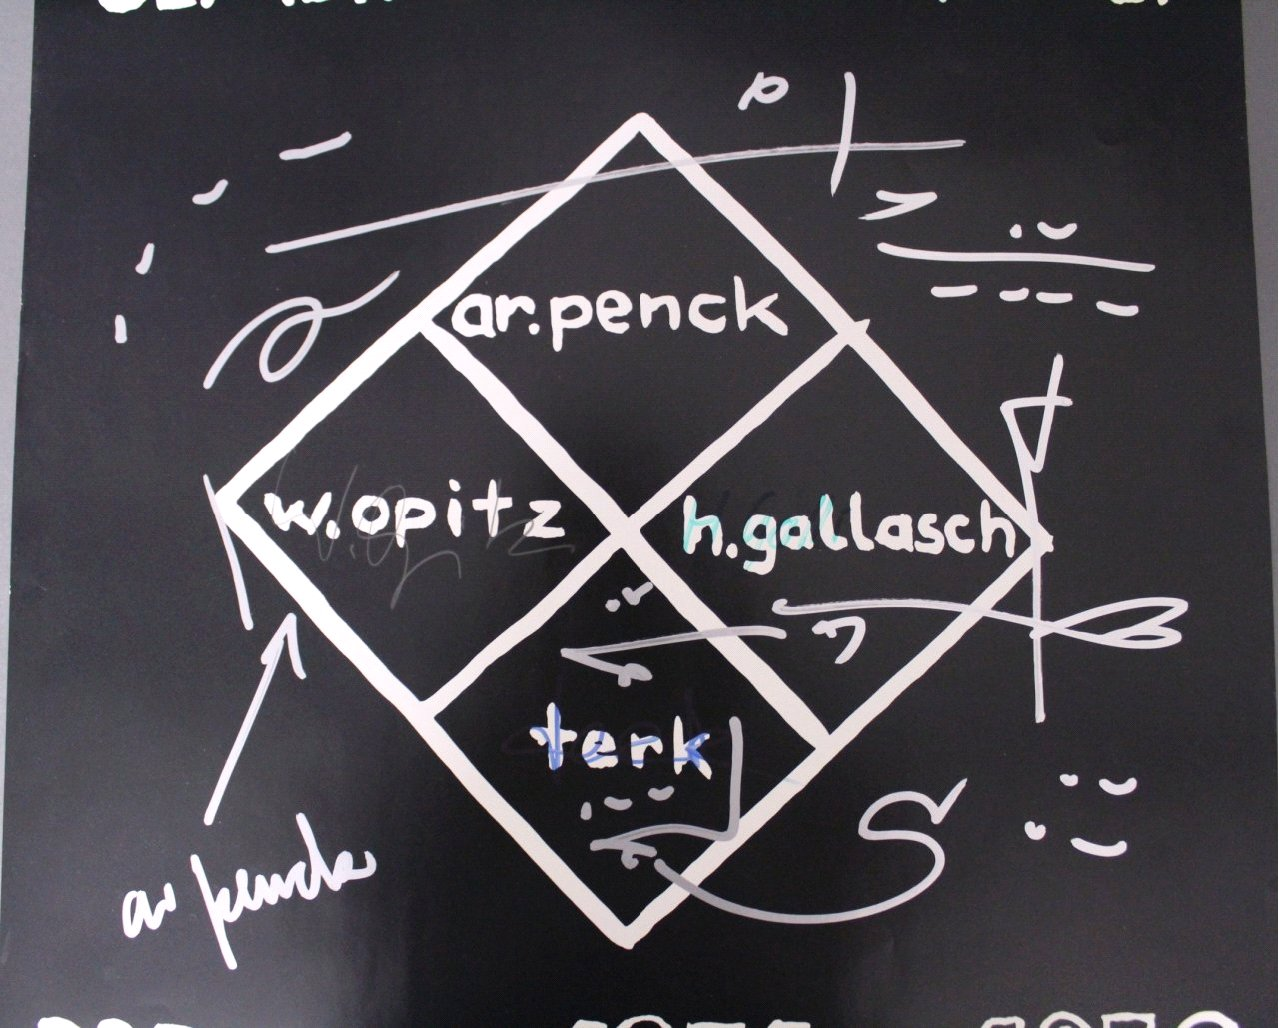 A.R. Penck, H. Gallasch, W. Opitz u. Terk